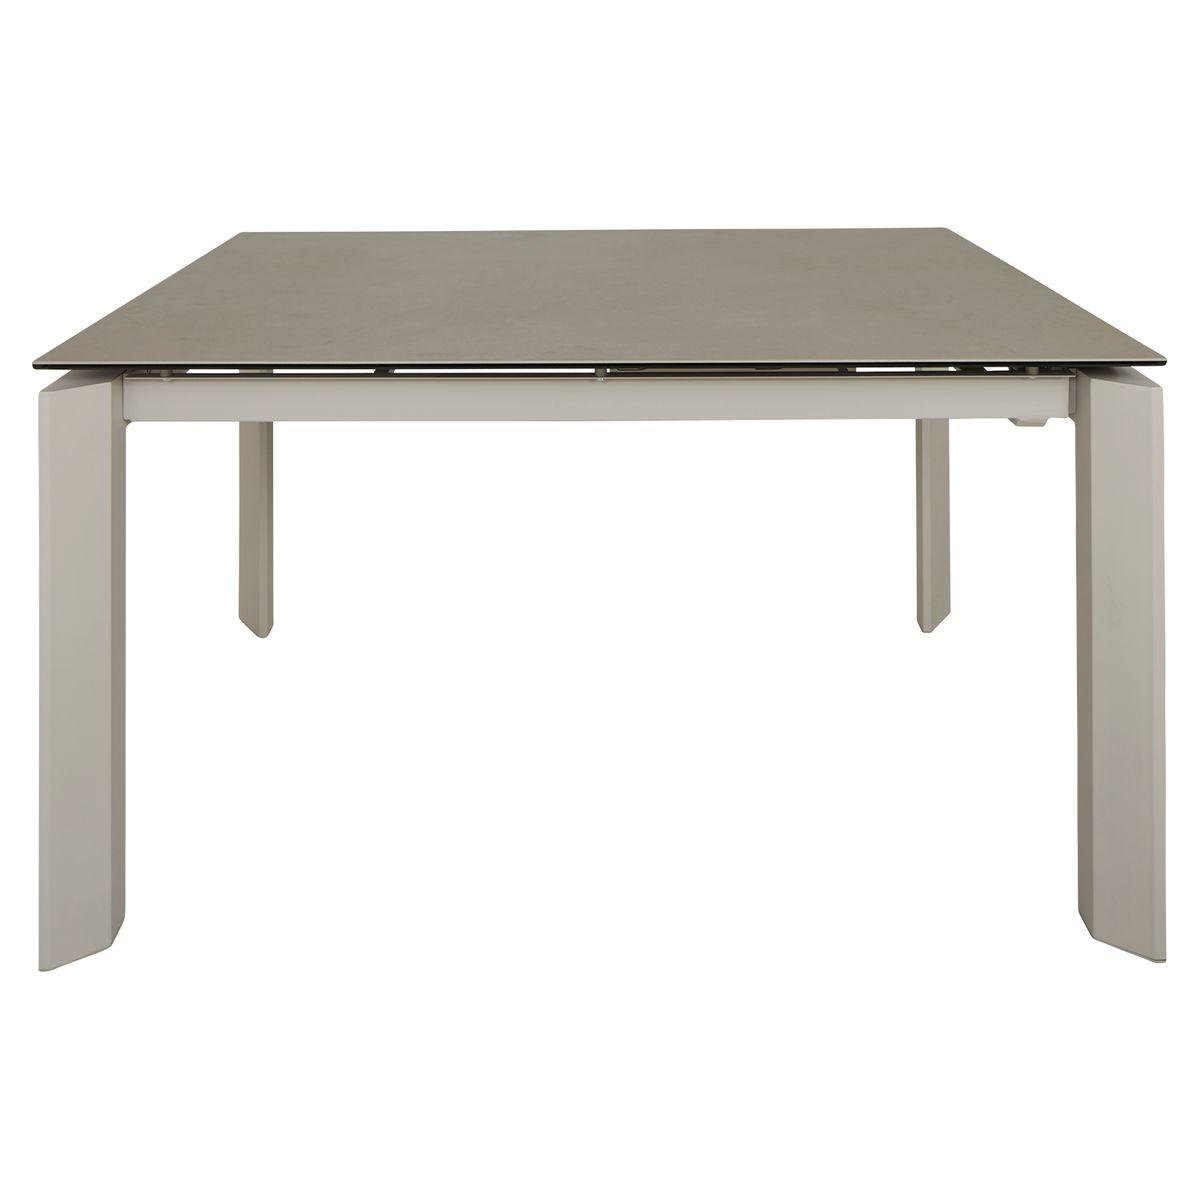 Table céramique extensible 160 x 90 cm avec allonge intégrée